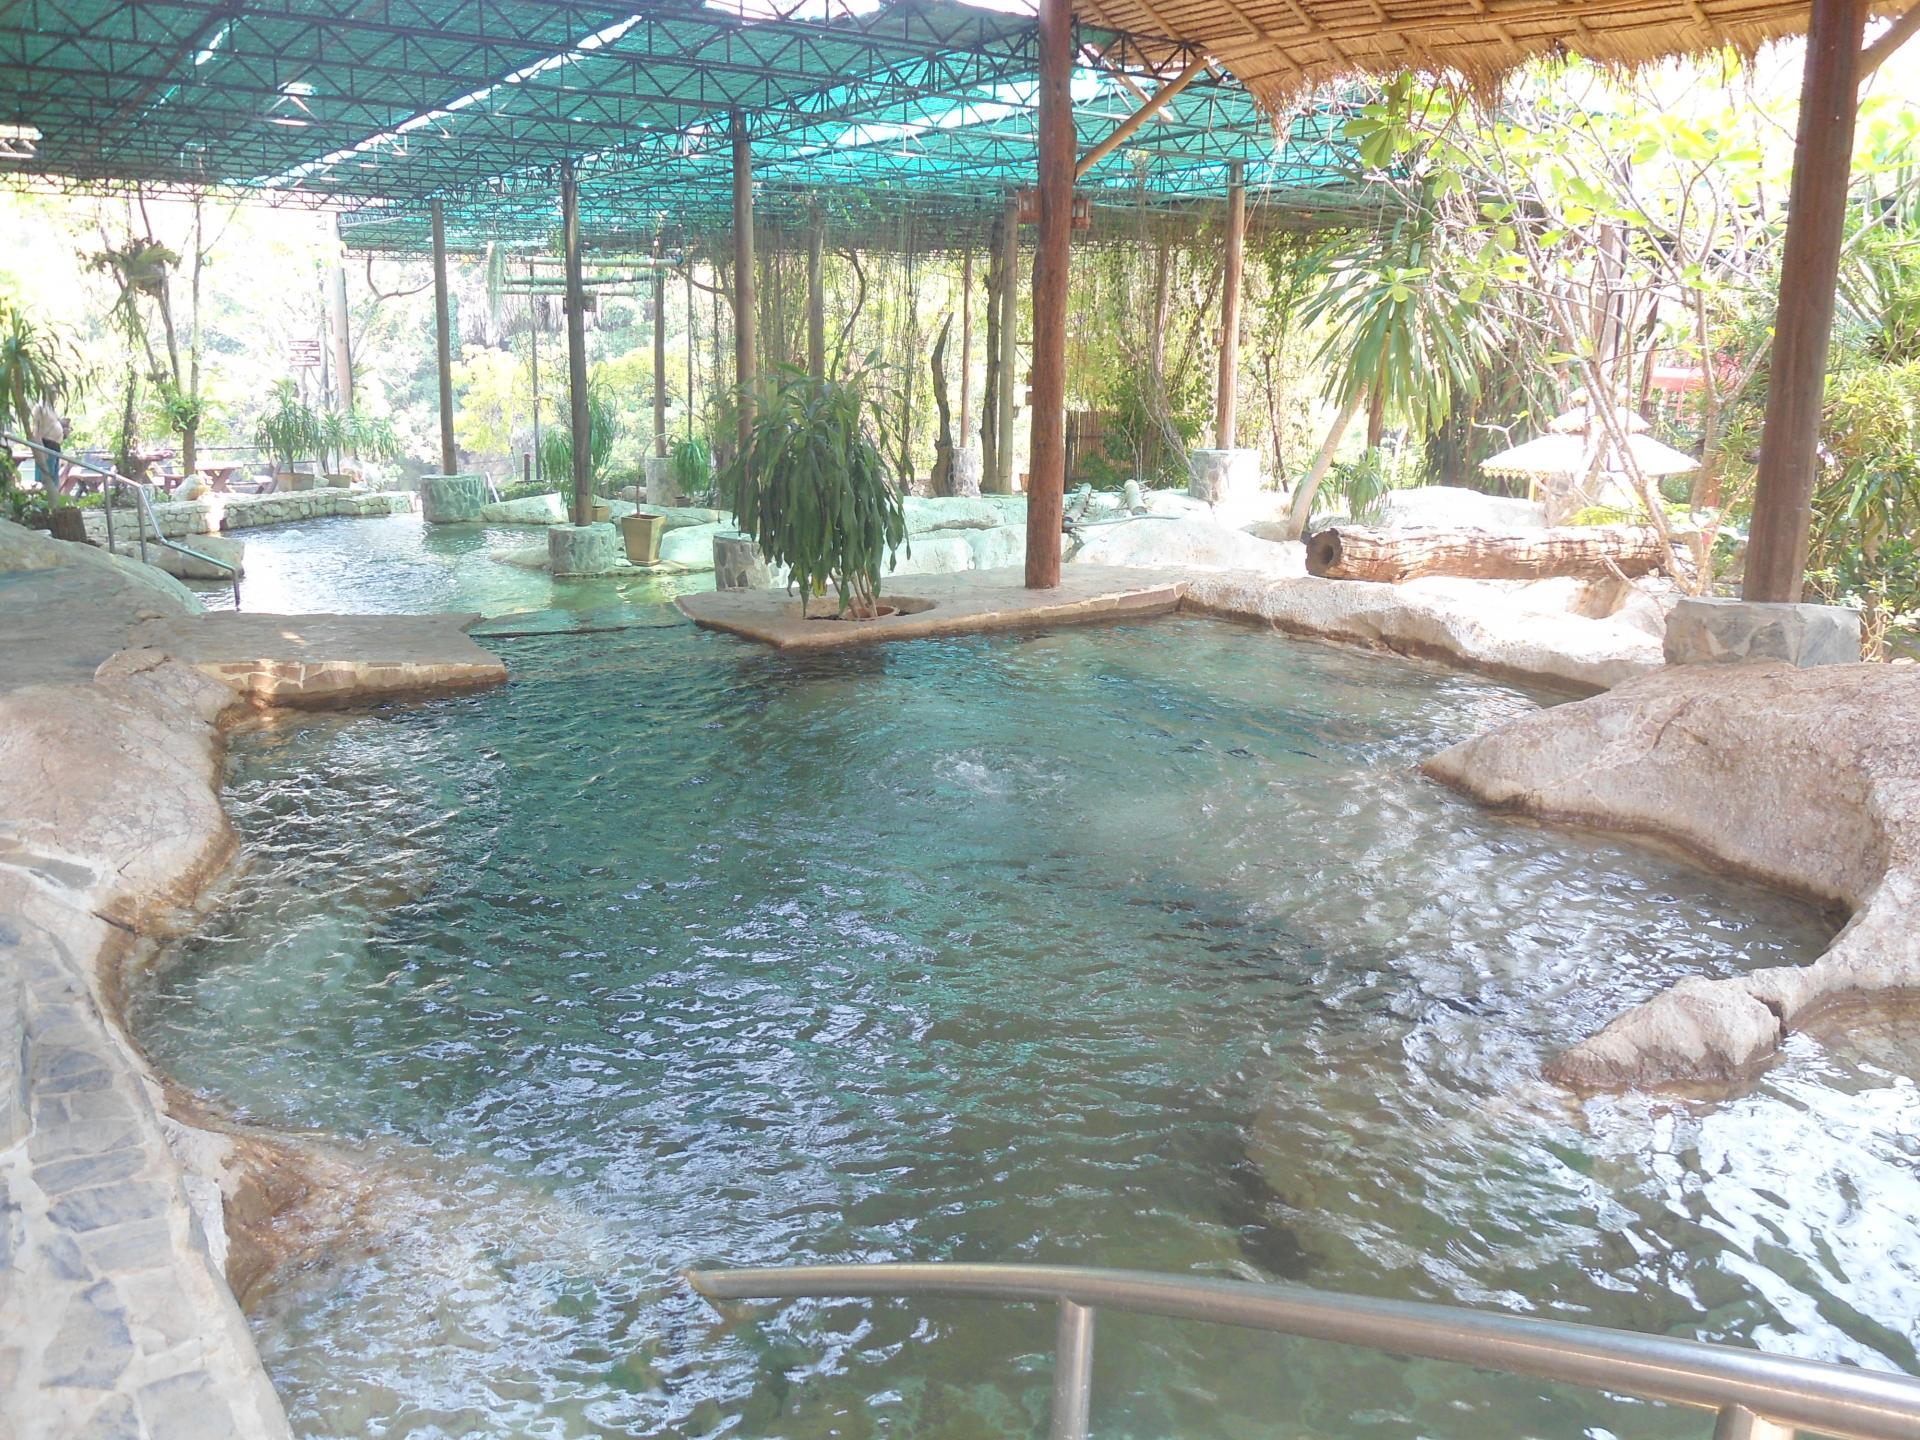 bassin n°1